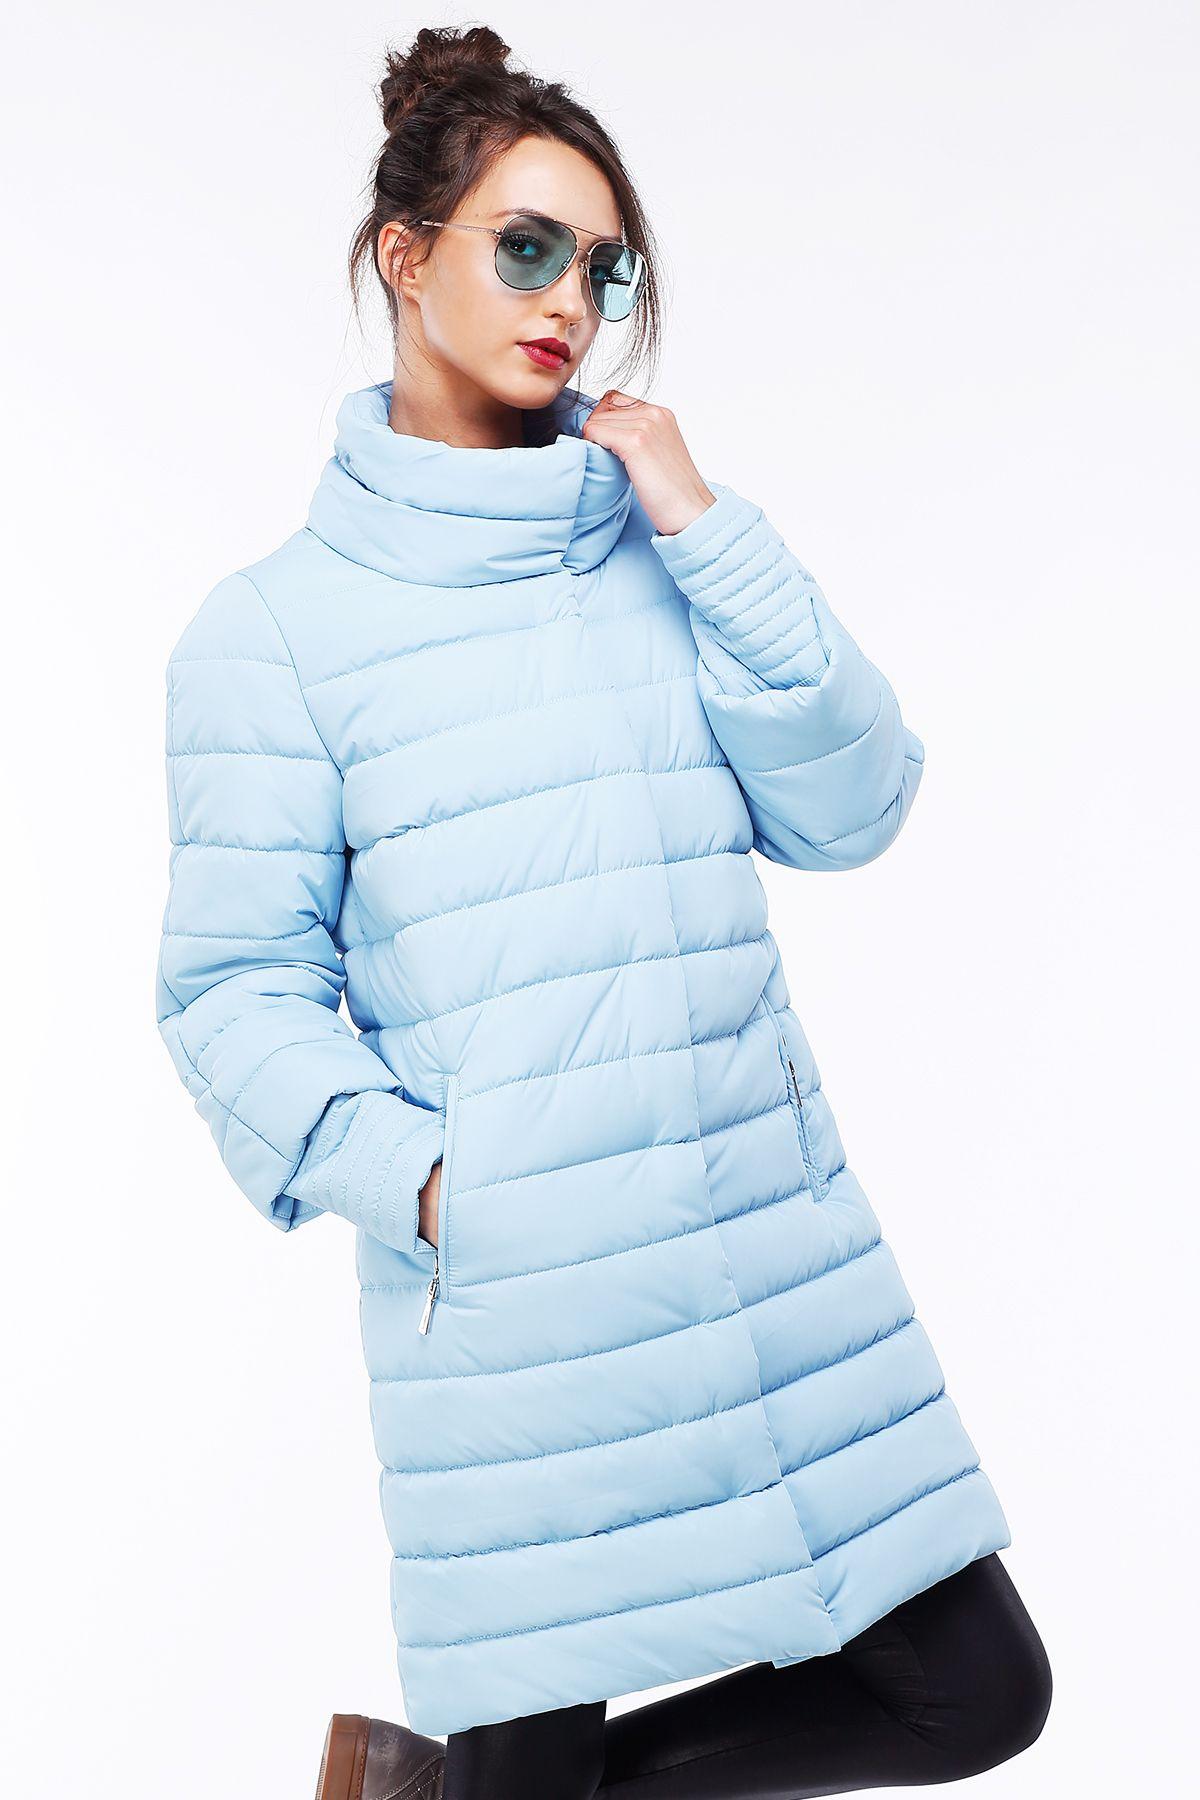 Женский зимний пуховик Анетта от Nui Very - верхняя одежда женская зима, зимняя  женская мода 472cf29a18c